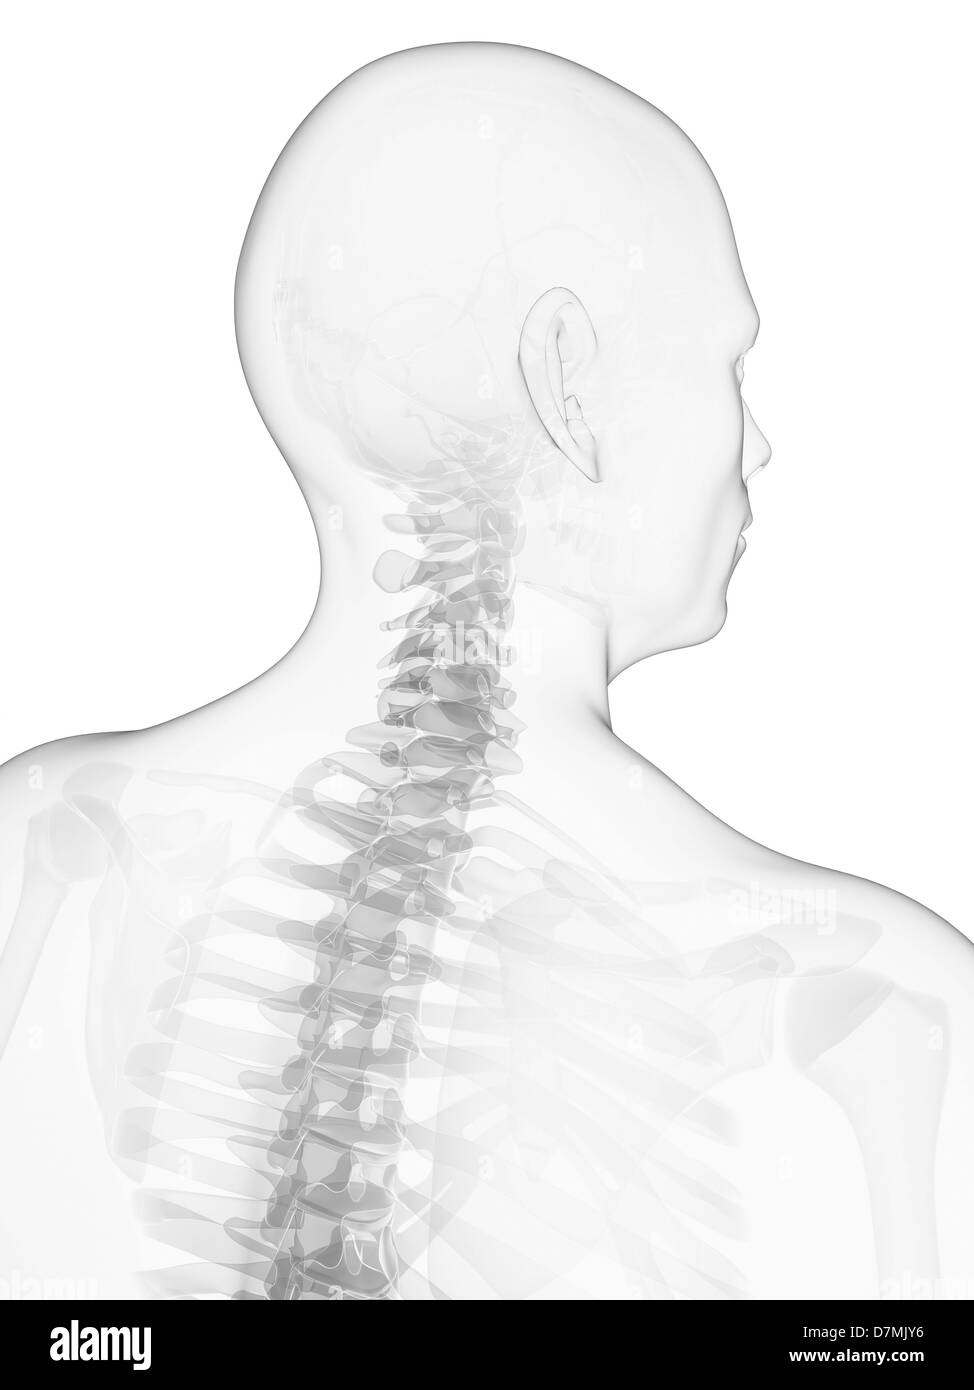 Normal neck bones stock photos normal neck bones stock images alamy neck bones artwork stock image ccuart Gallery